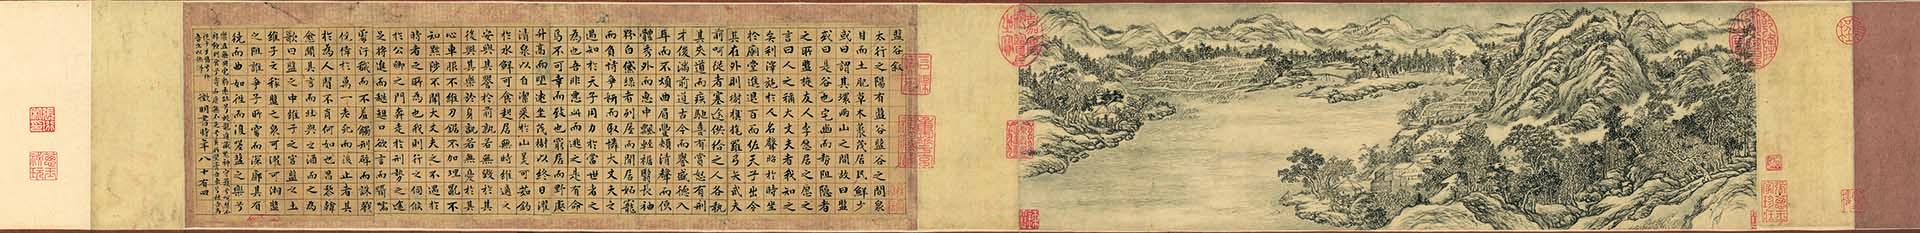 明 文徵明 楷书盘谷叙张若霭图 纸本 129.7x15.8